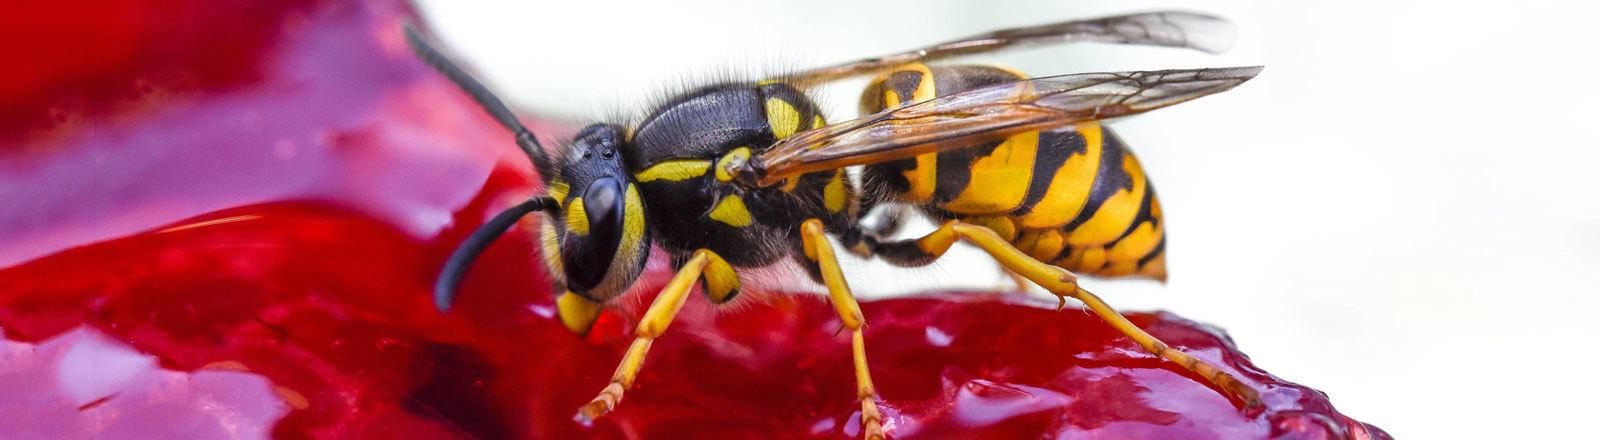 Eine Wespe sitzt auf einem Stück Kuchen.